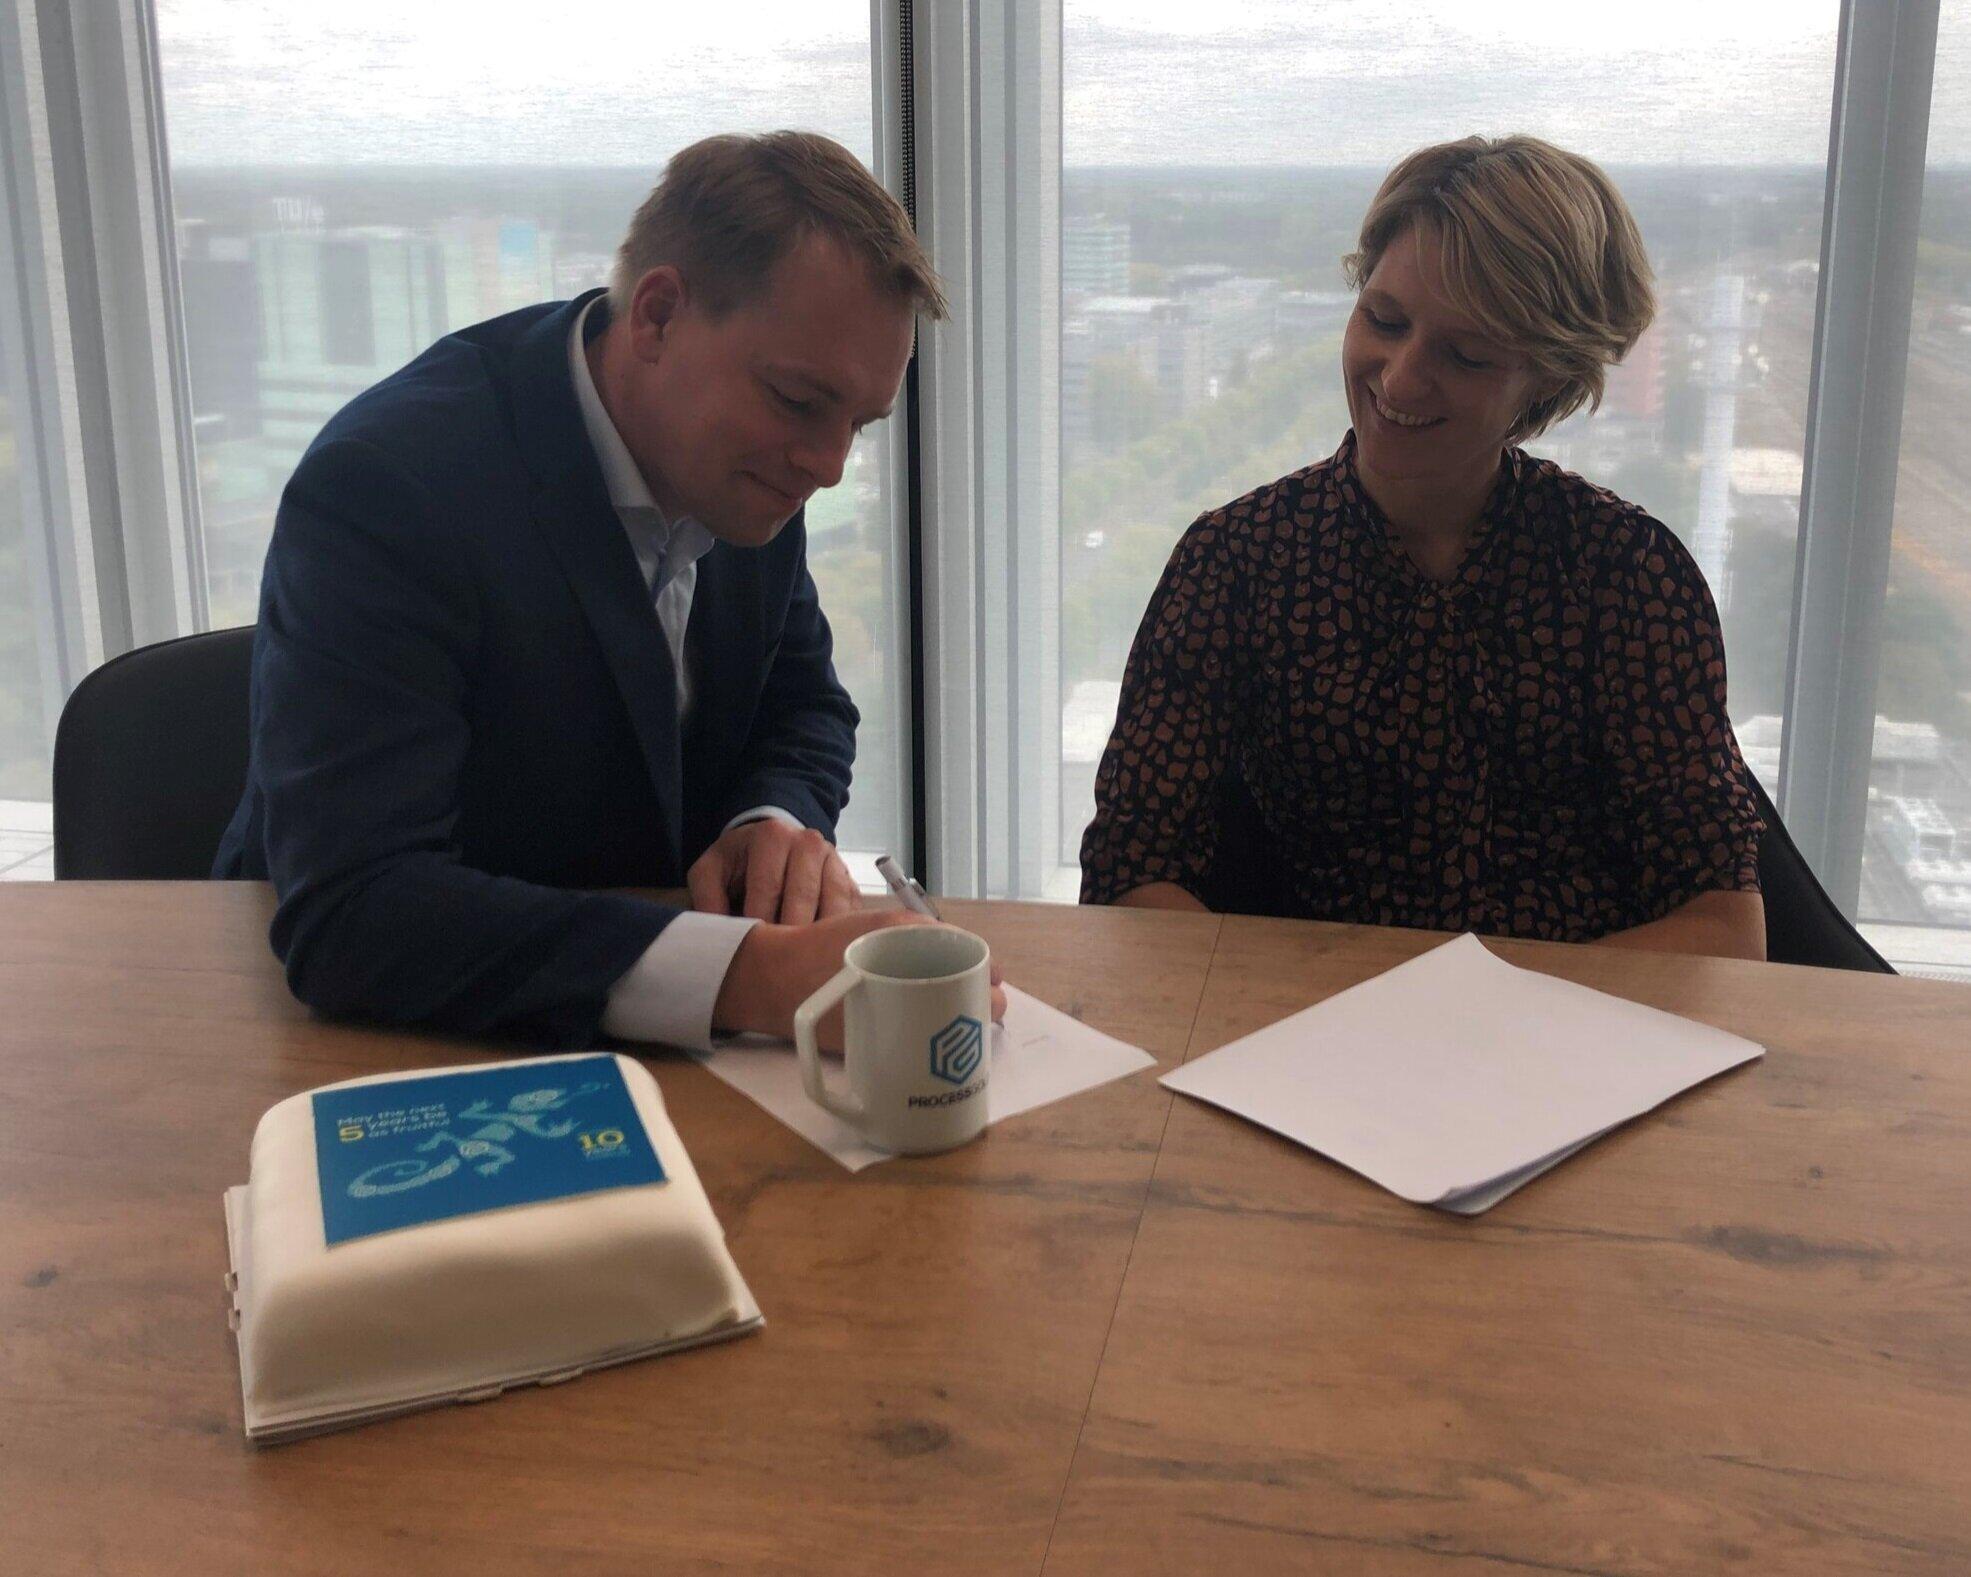 Christiaan Esmeijer van Magnaview en Maaike Goemaat van Topicus tekenen op grote hoogte het contract dat de hernieuwde samenwerking bevestigt. Daarna was er tijd voor taart.